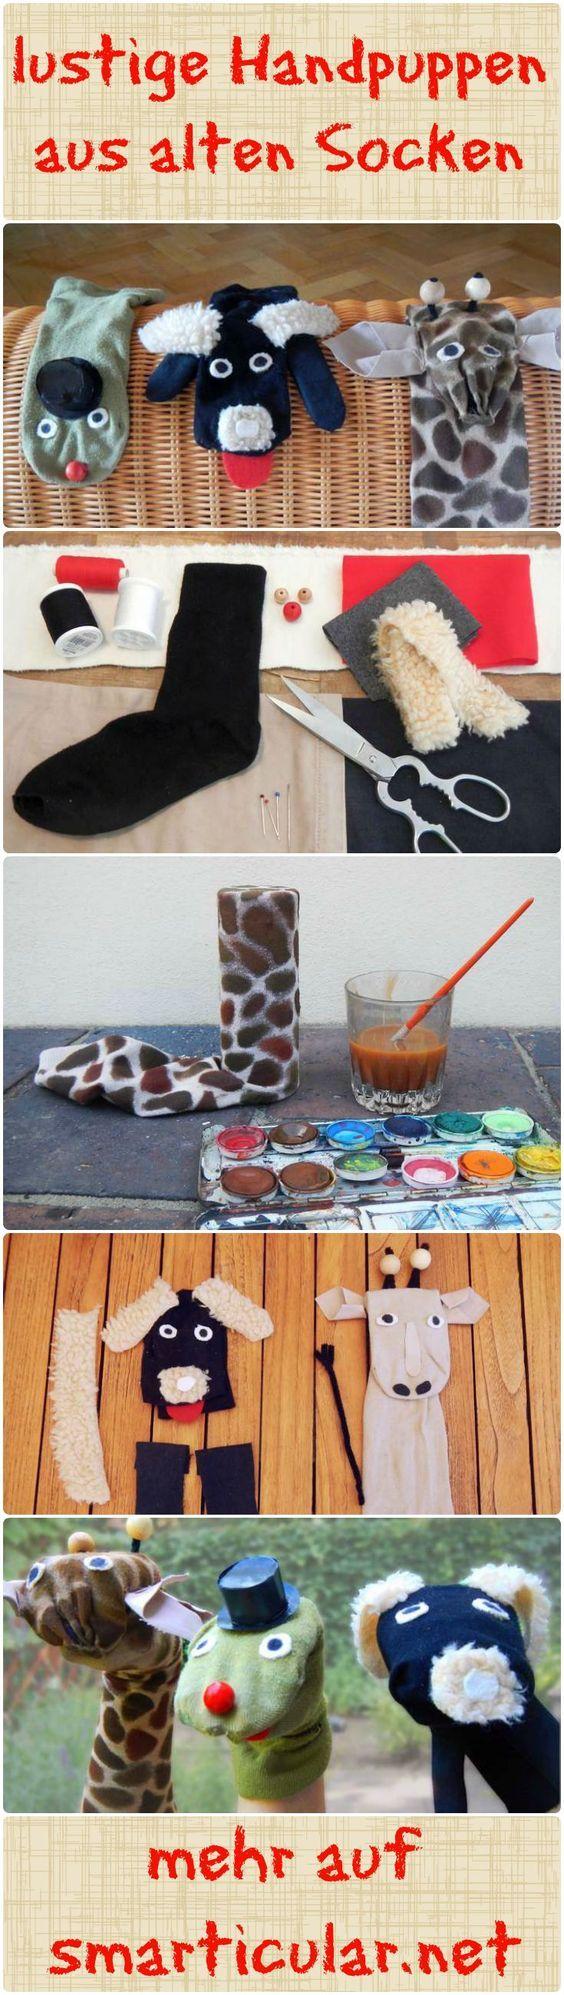 Sockenspaß: Handpuppen basteln aus verwaisten Socken – Klyss Smith